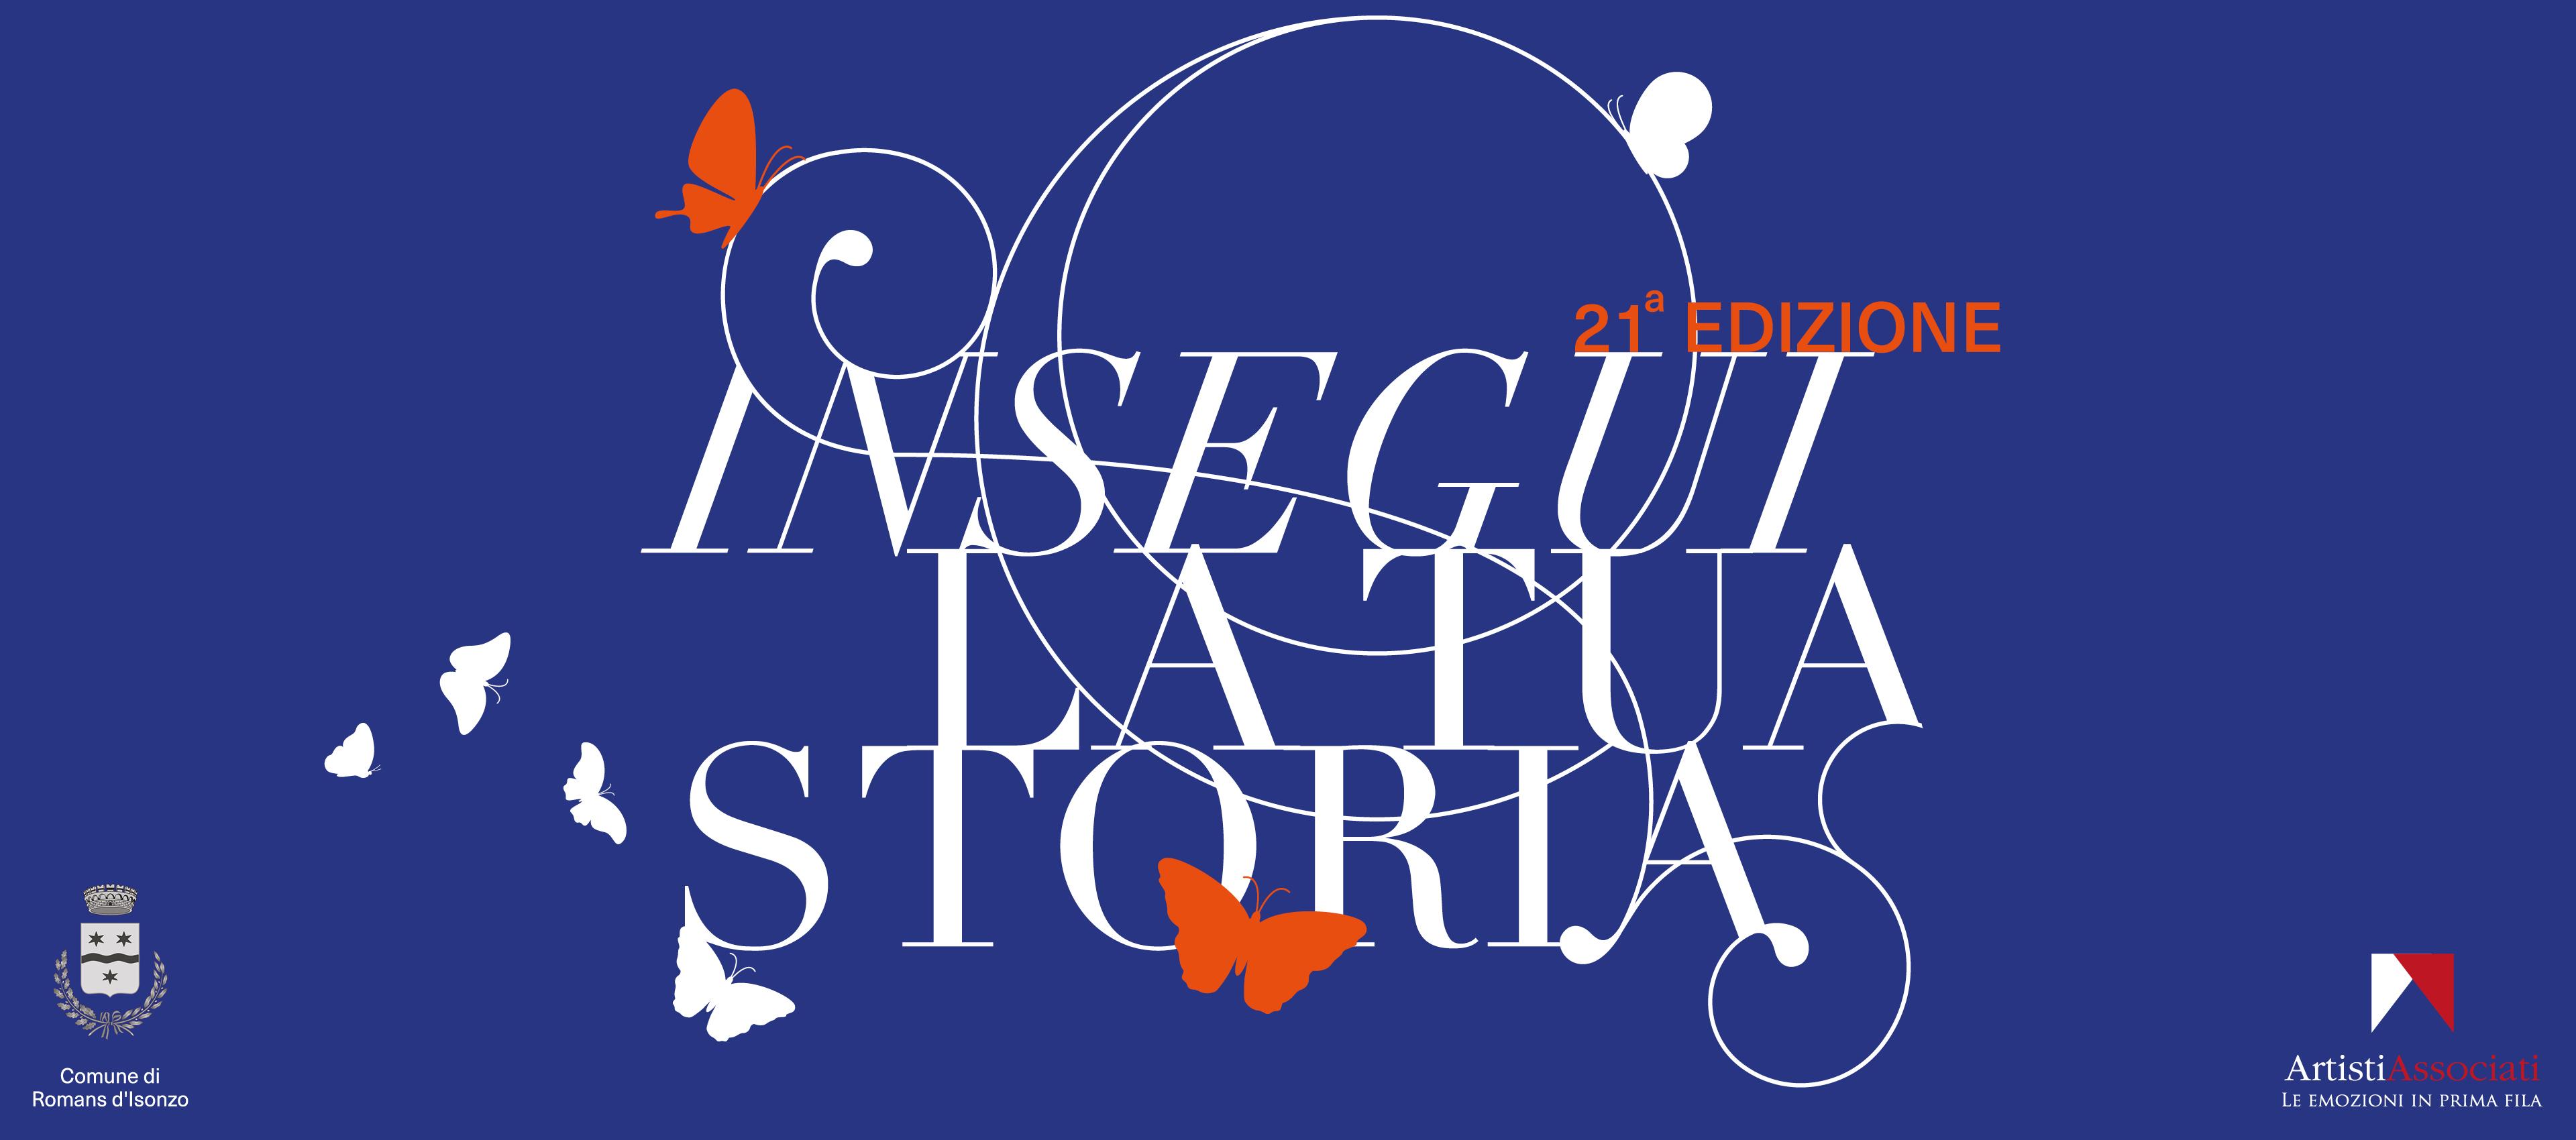 insegui-la-tua-storia-1920x850-blu